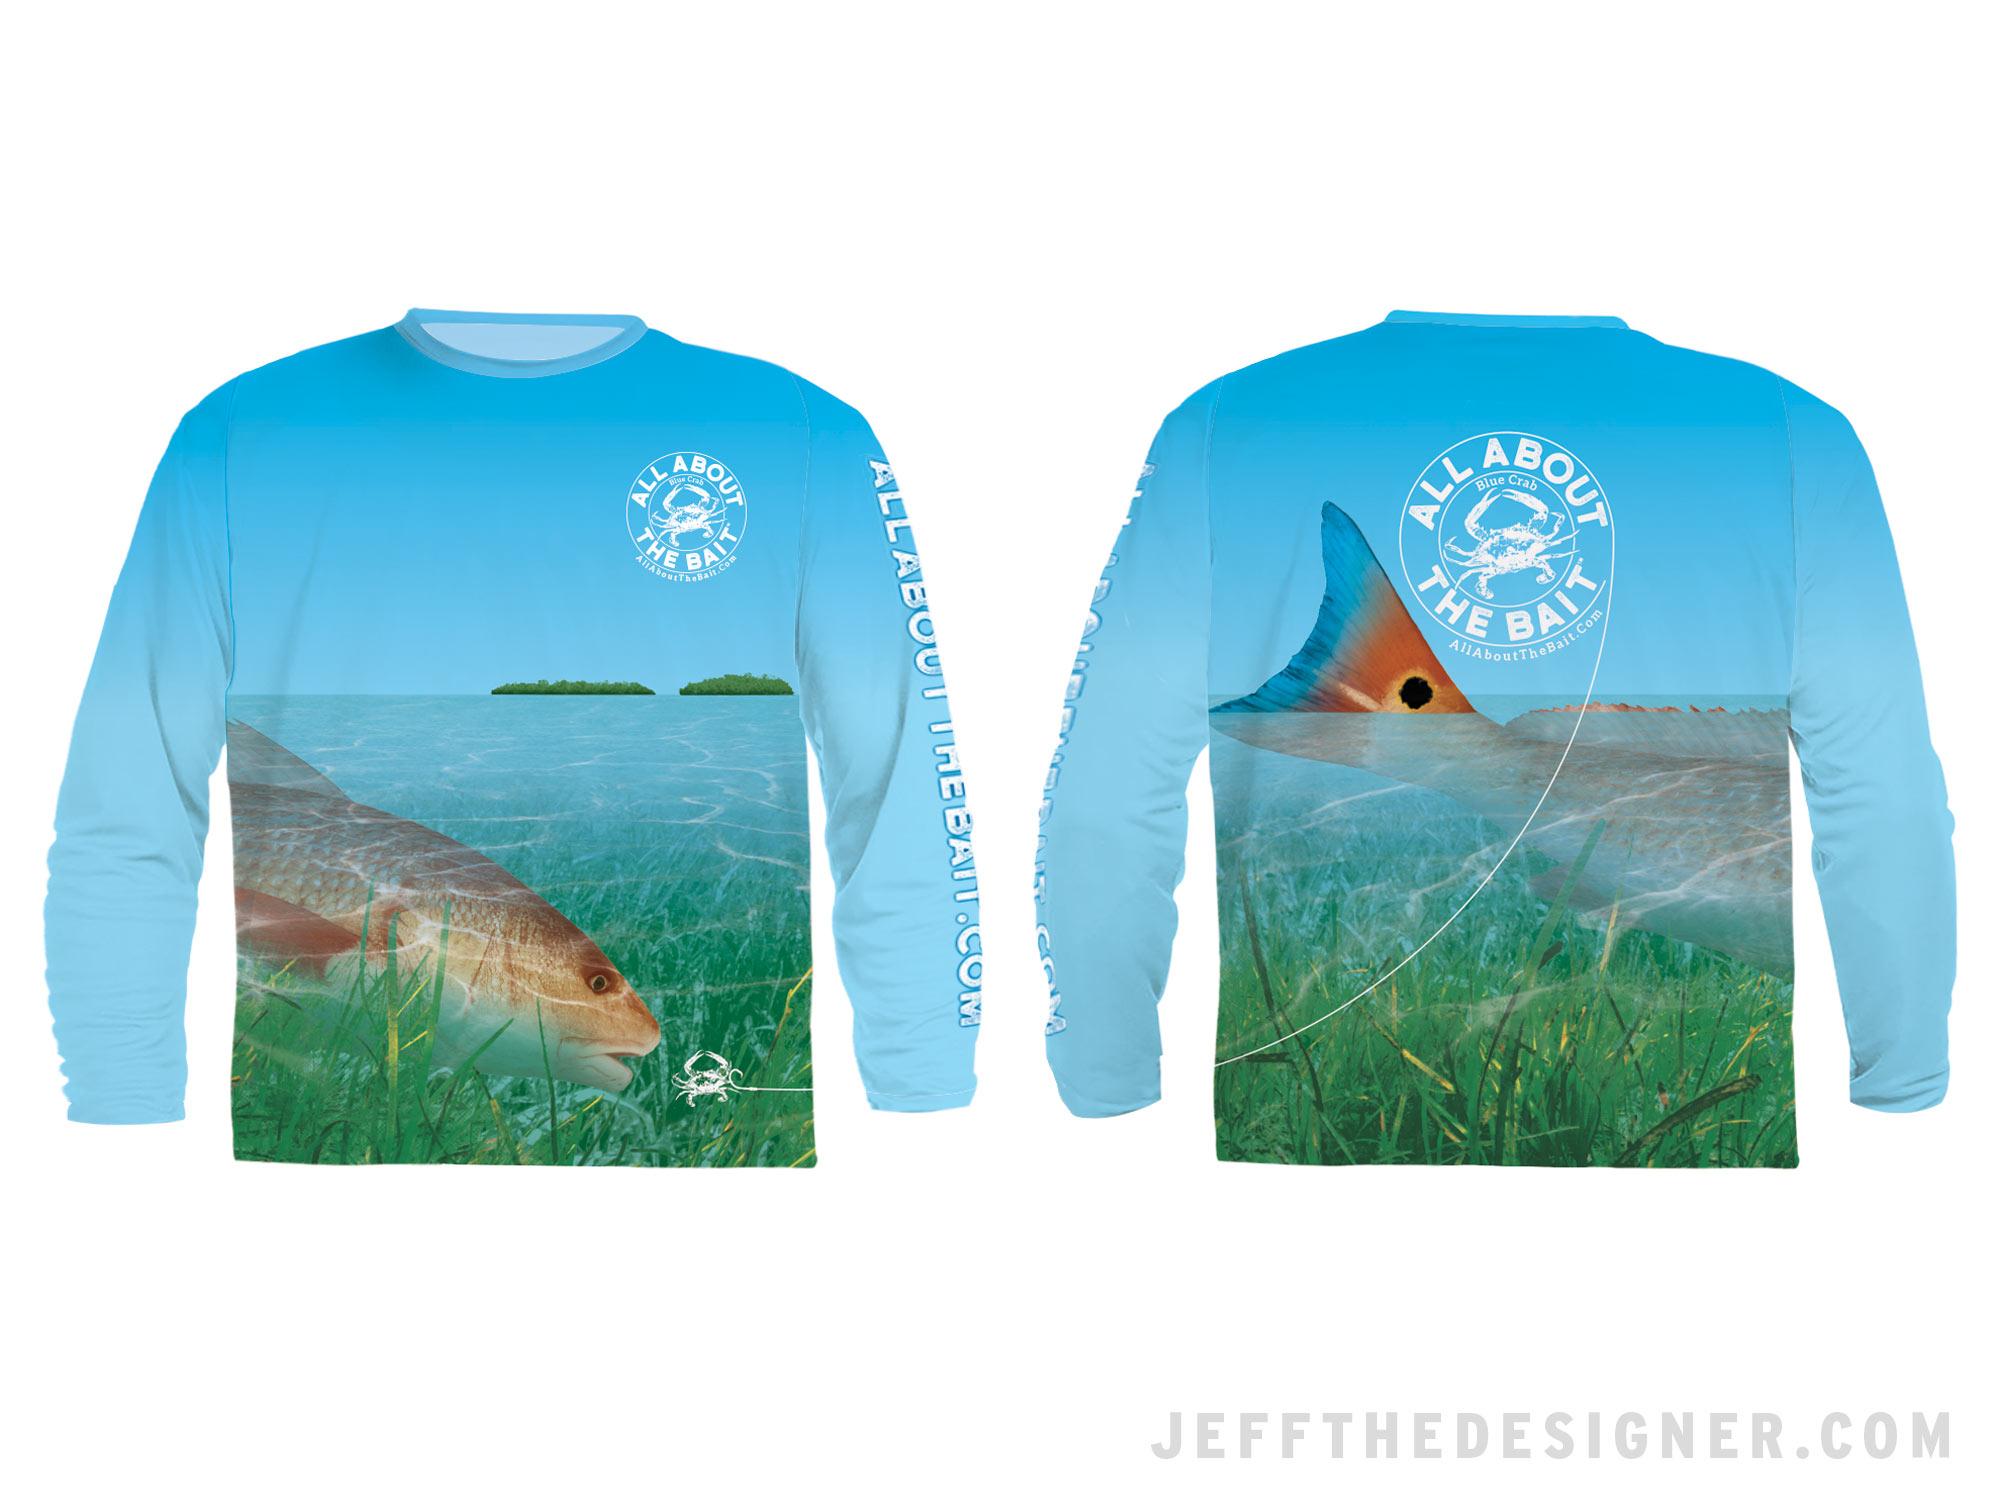 Fishing Shirt Design - Feeding Redfish